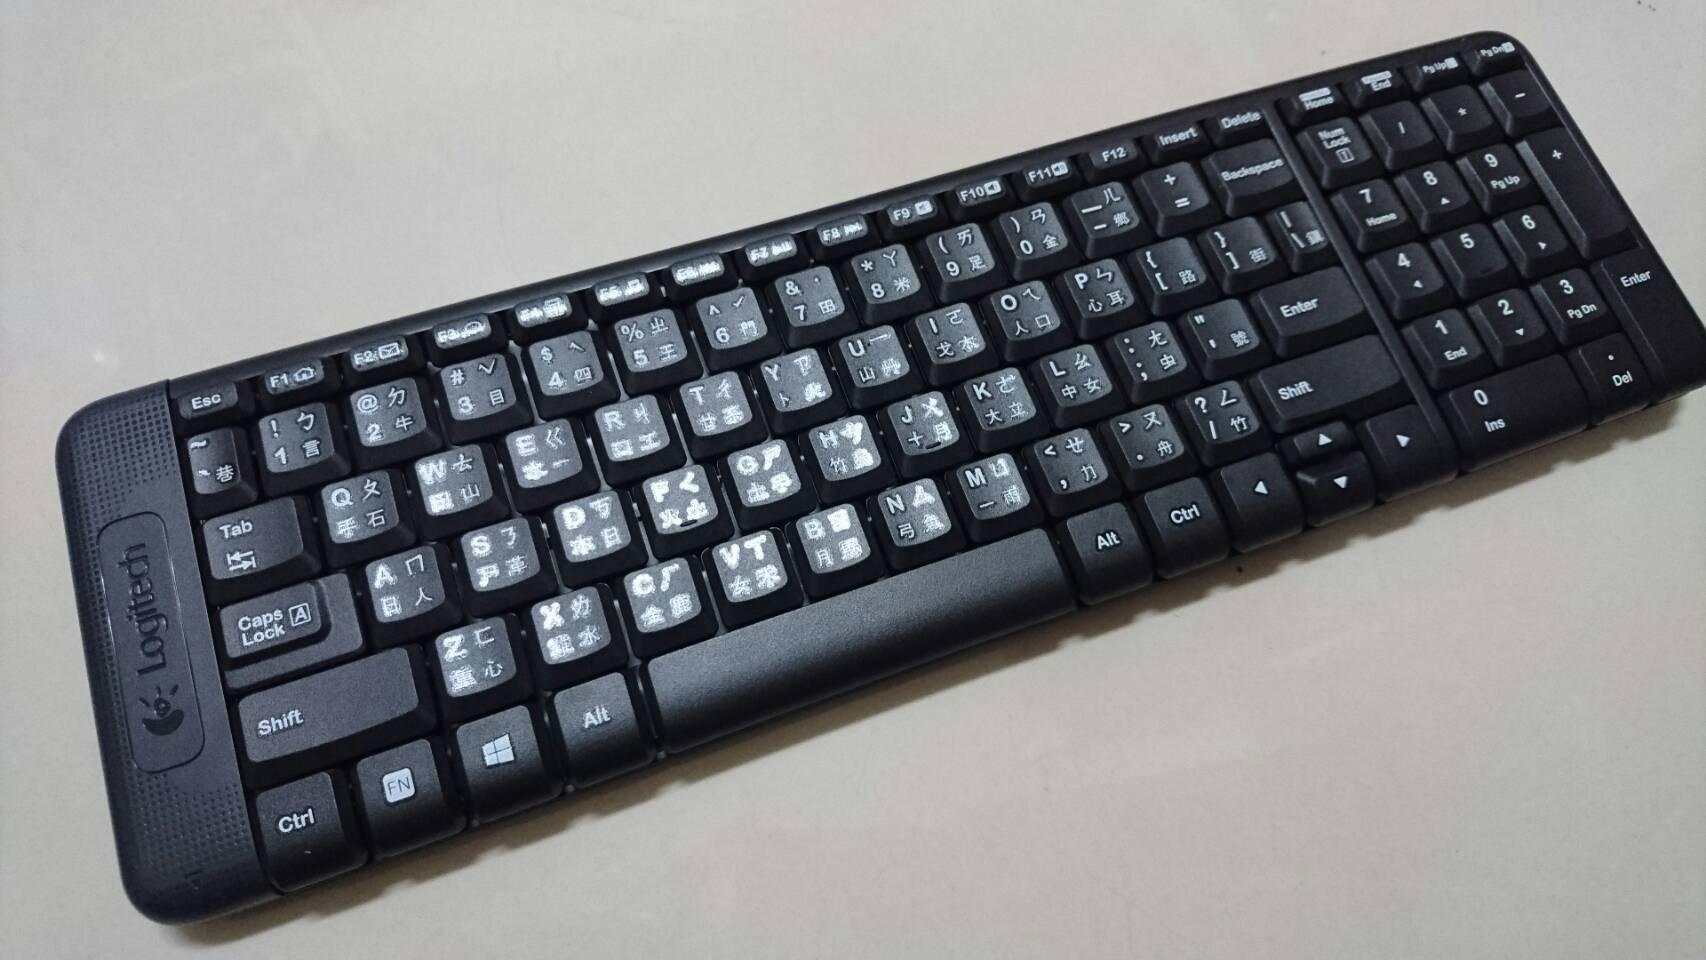 ❤含發票❤團購價❤第一品牌❤有注音❤羅技無線鍵盤滑鼠組❤電競滑鼠電競鍵盤❤桌上型電腦❤筆記型電腦❤LOL英雄聯盟mk220 8